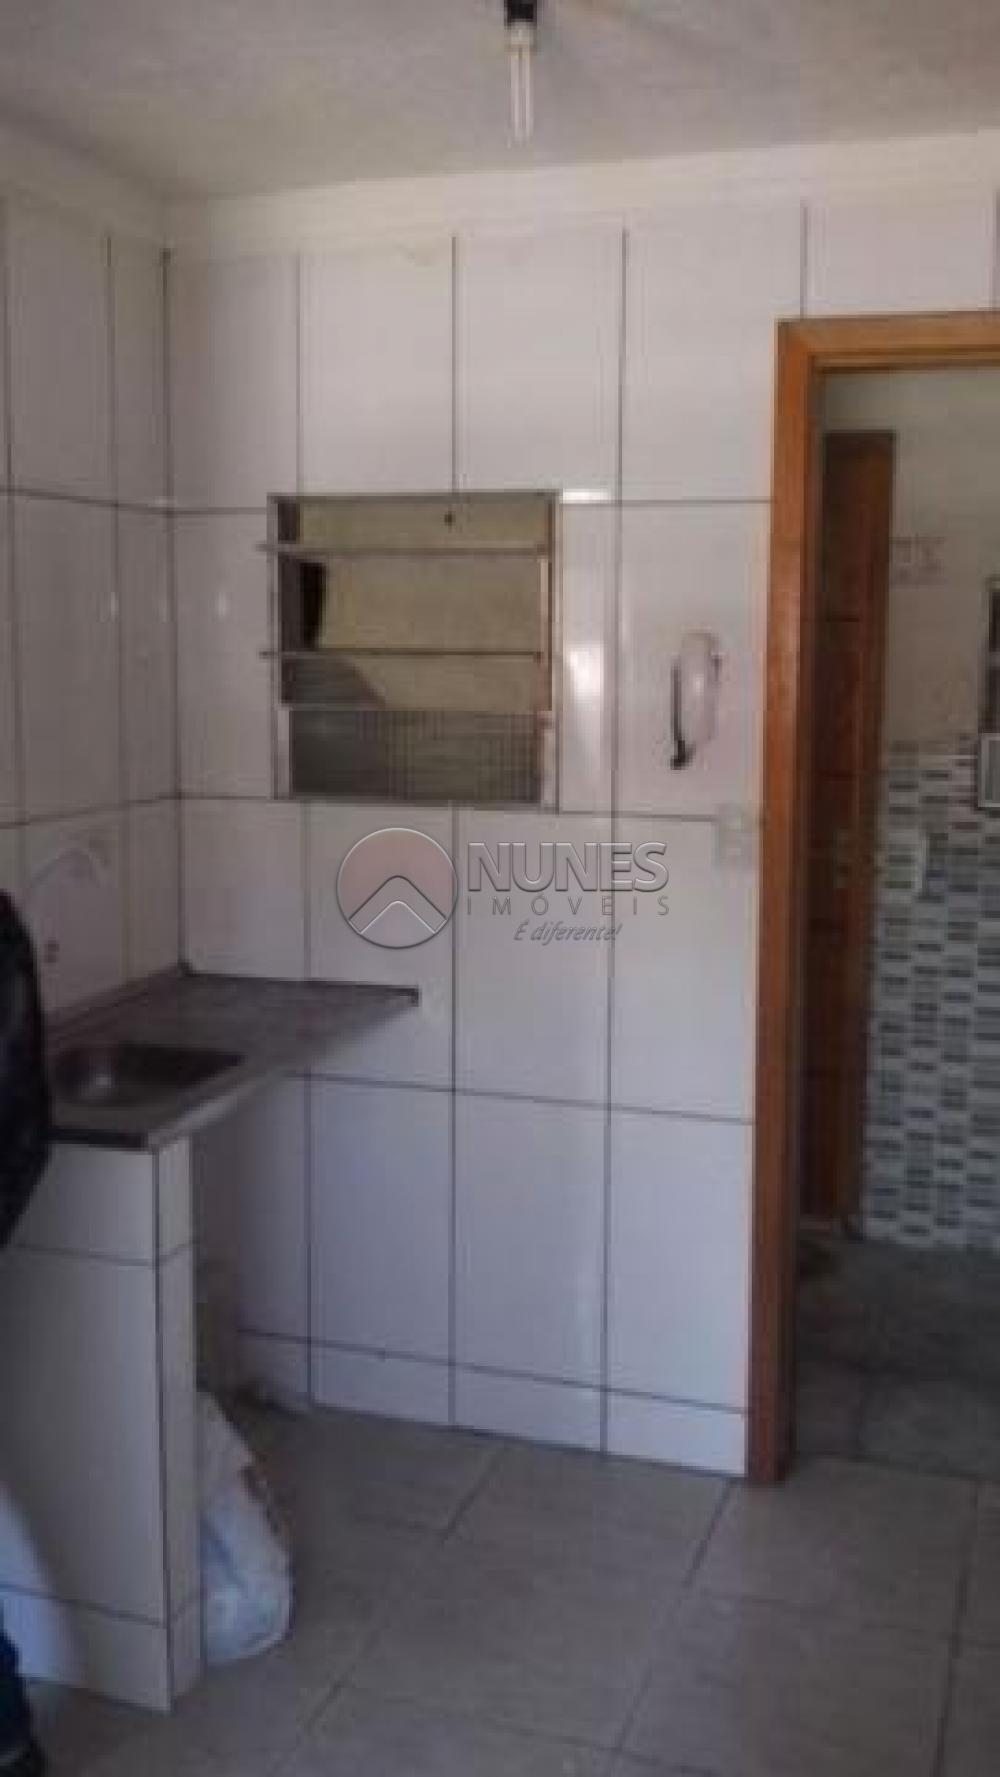 Comercial Predio à venda em Jaguare, São Paulo - SP